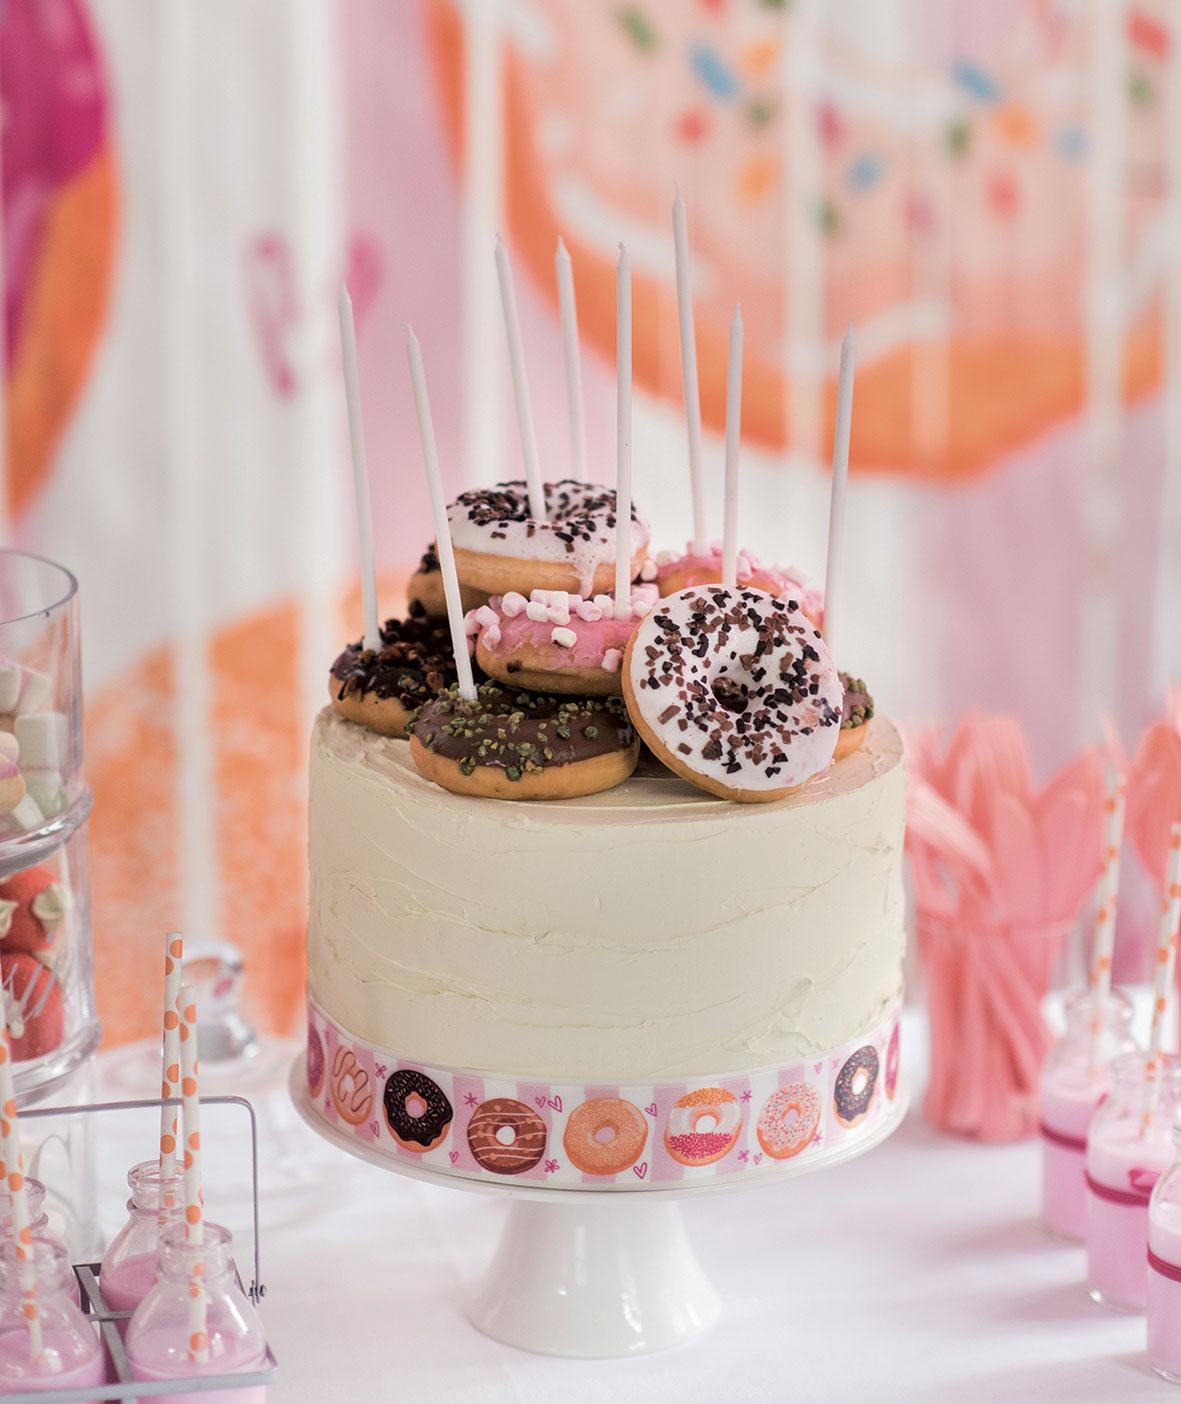 Nastri per cake design nastri brizzolari - Accessori per cake design ...